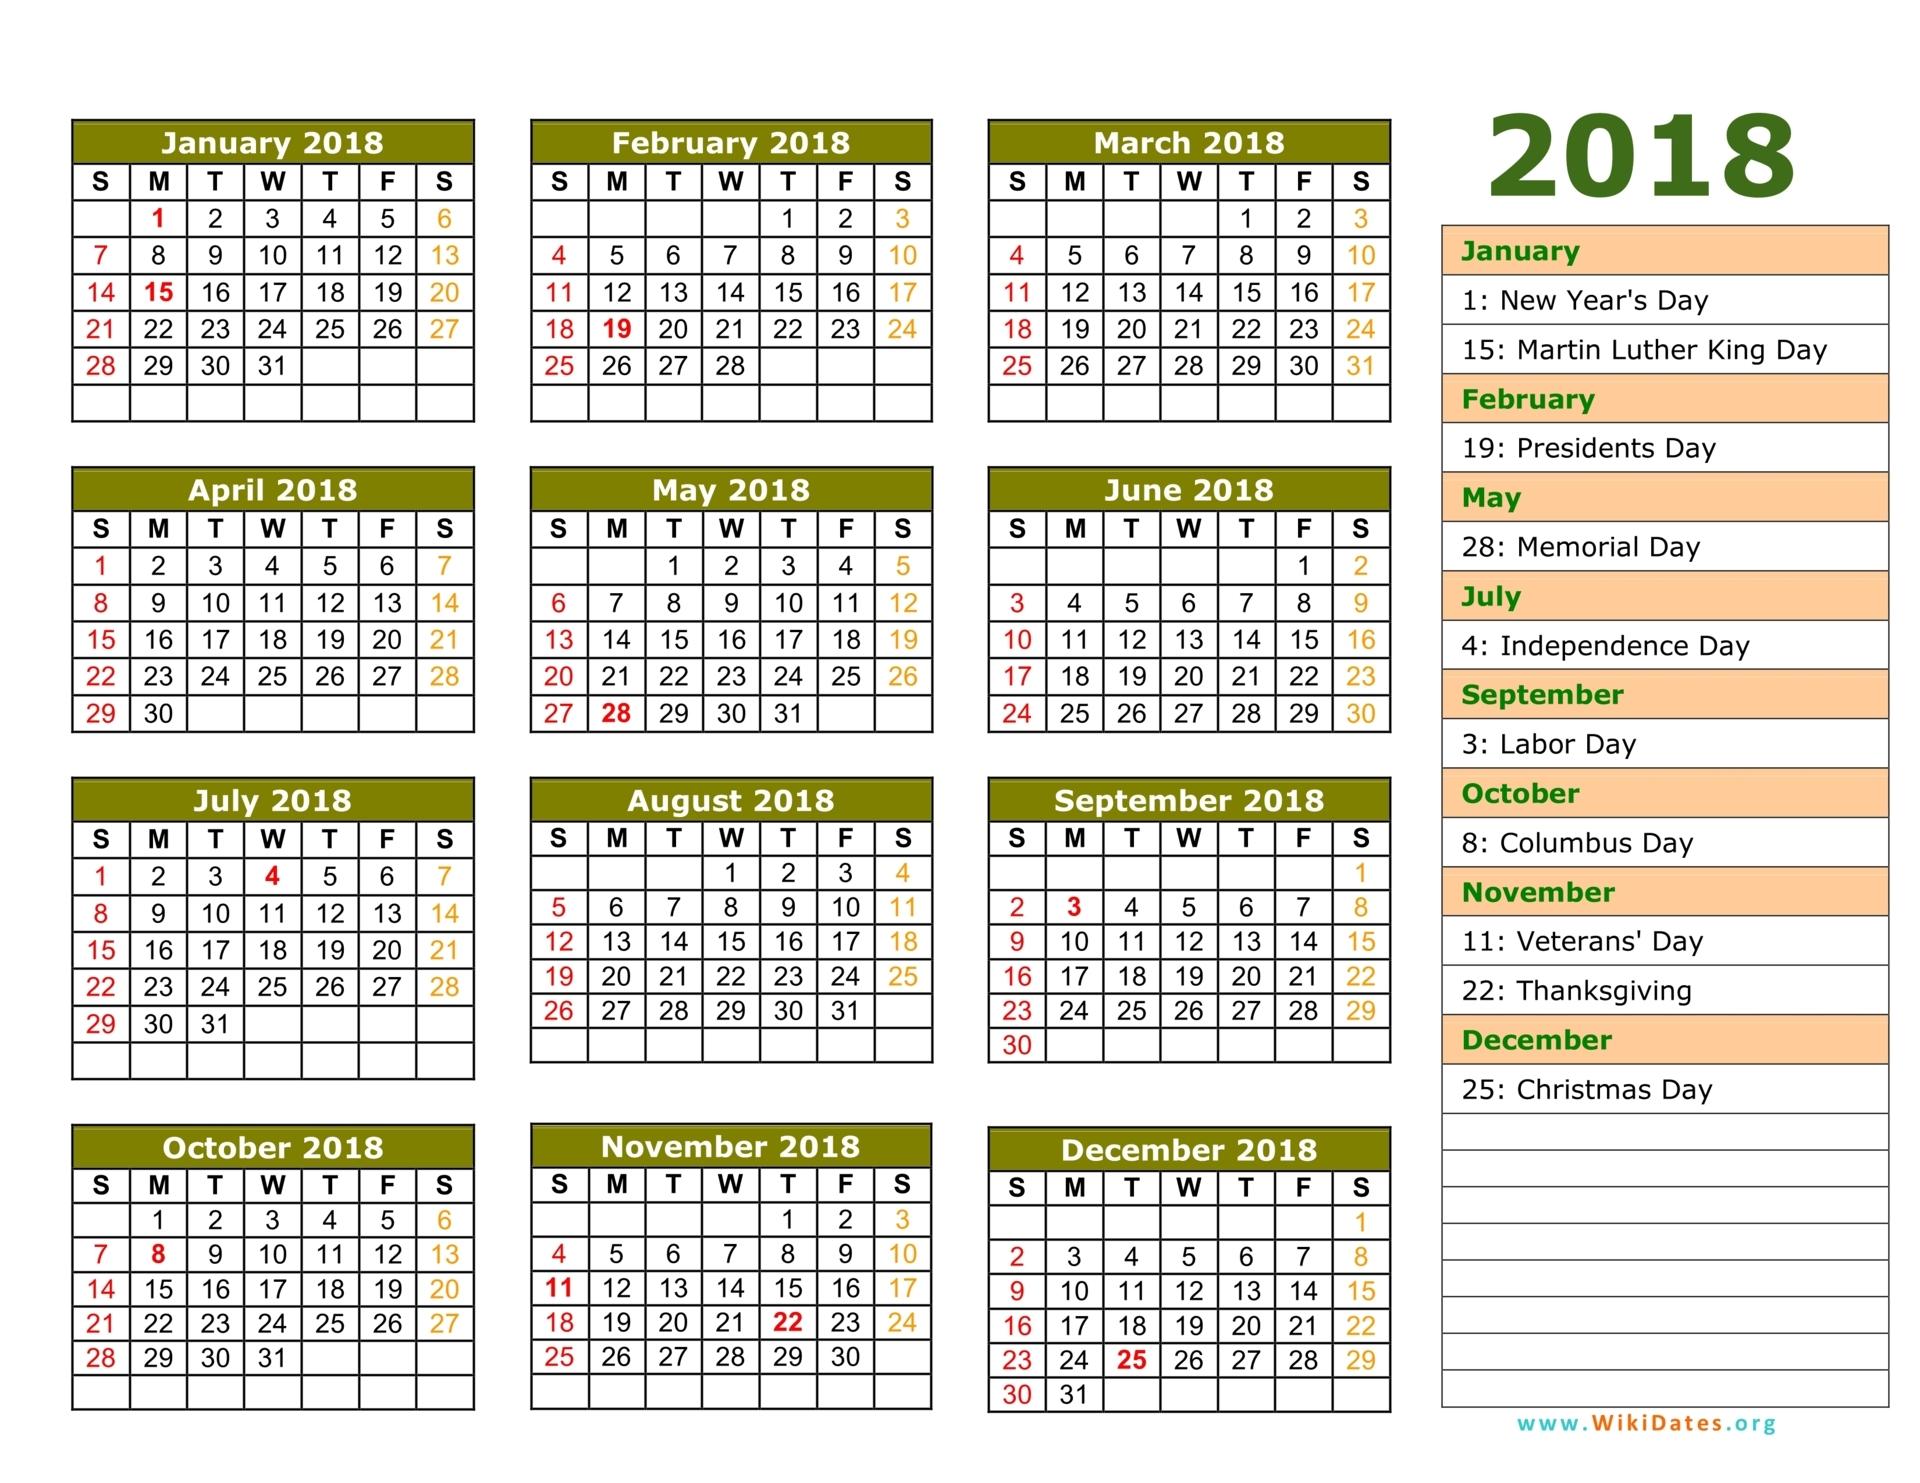 تقويم هجري ميلادي 2018 للطباعة , اريد صورة للتقويم الهجري